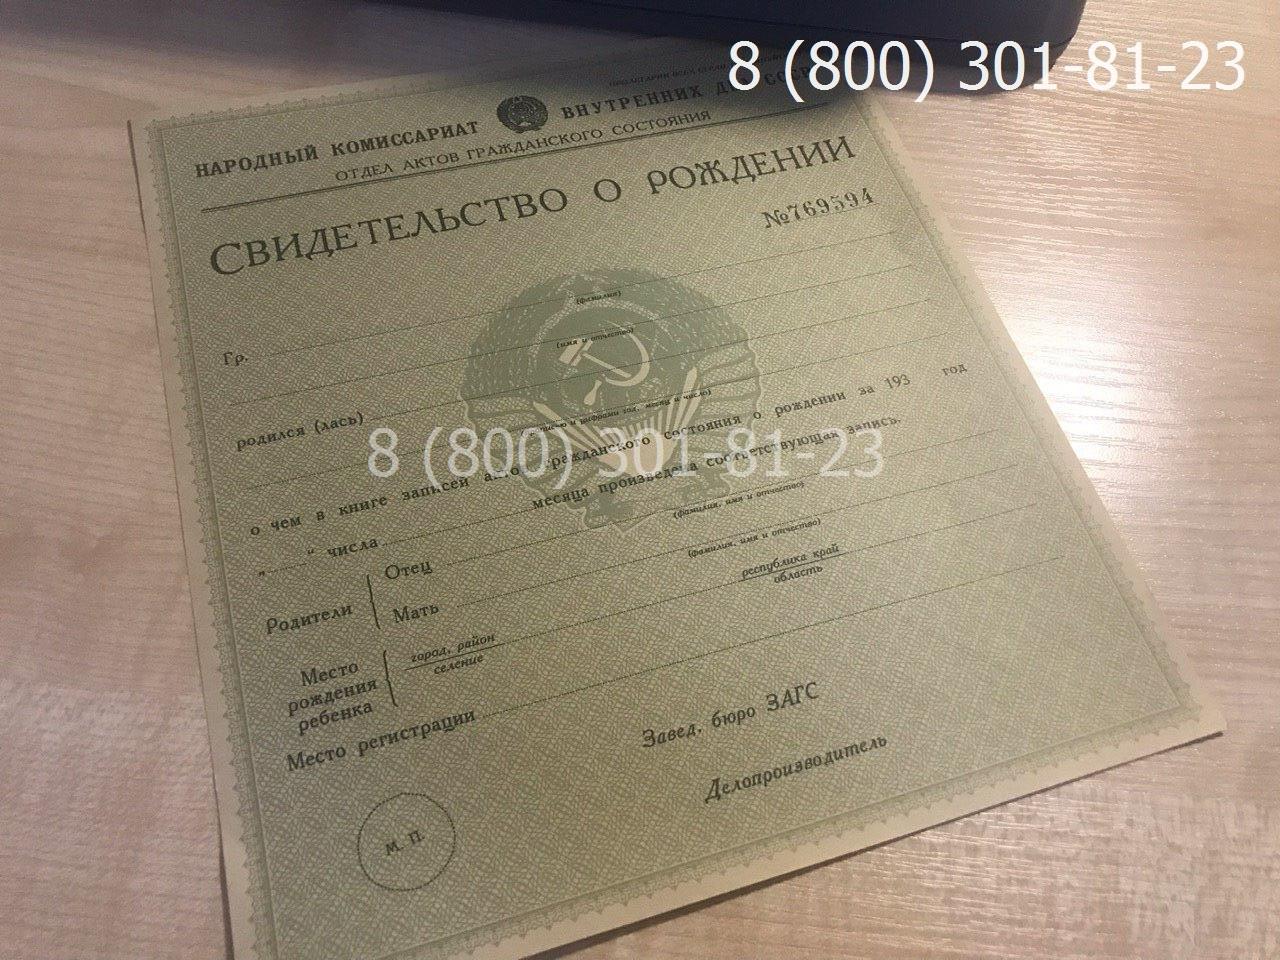 Свидетельство о рождении СССР 1930-1939 годов, титульный лист